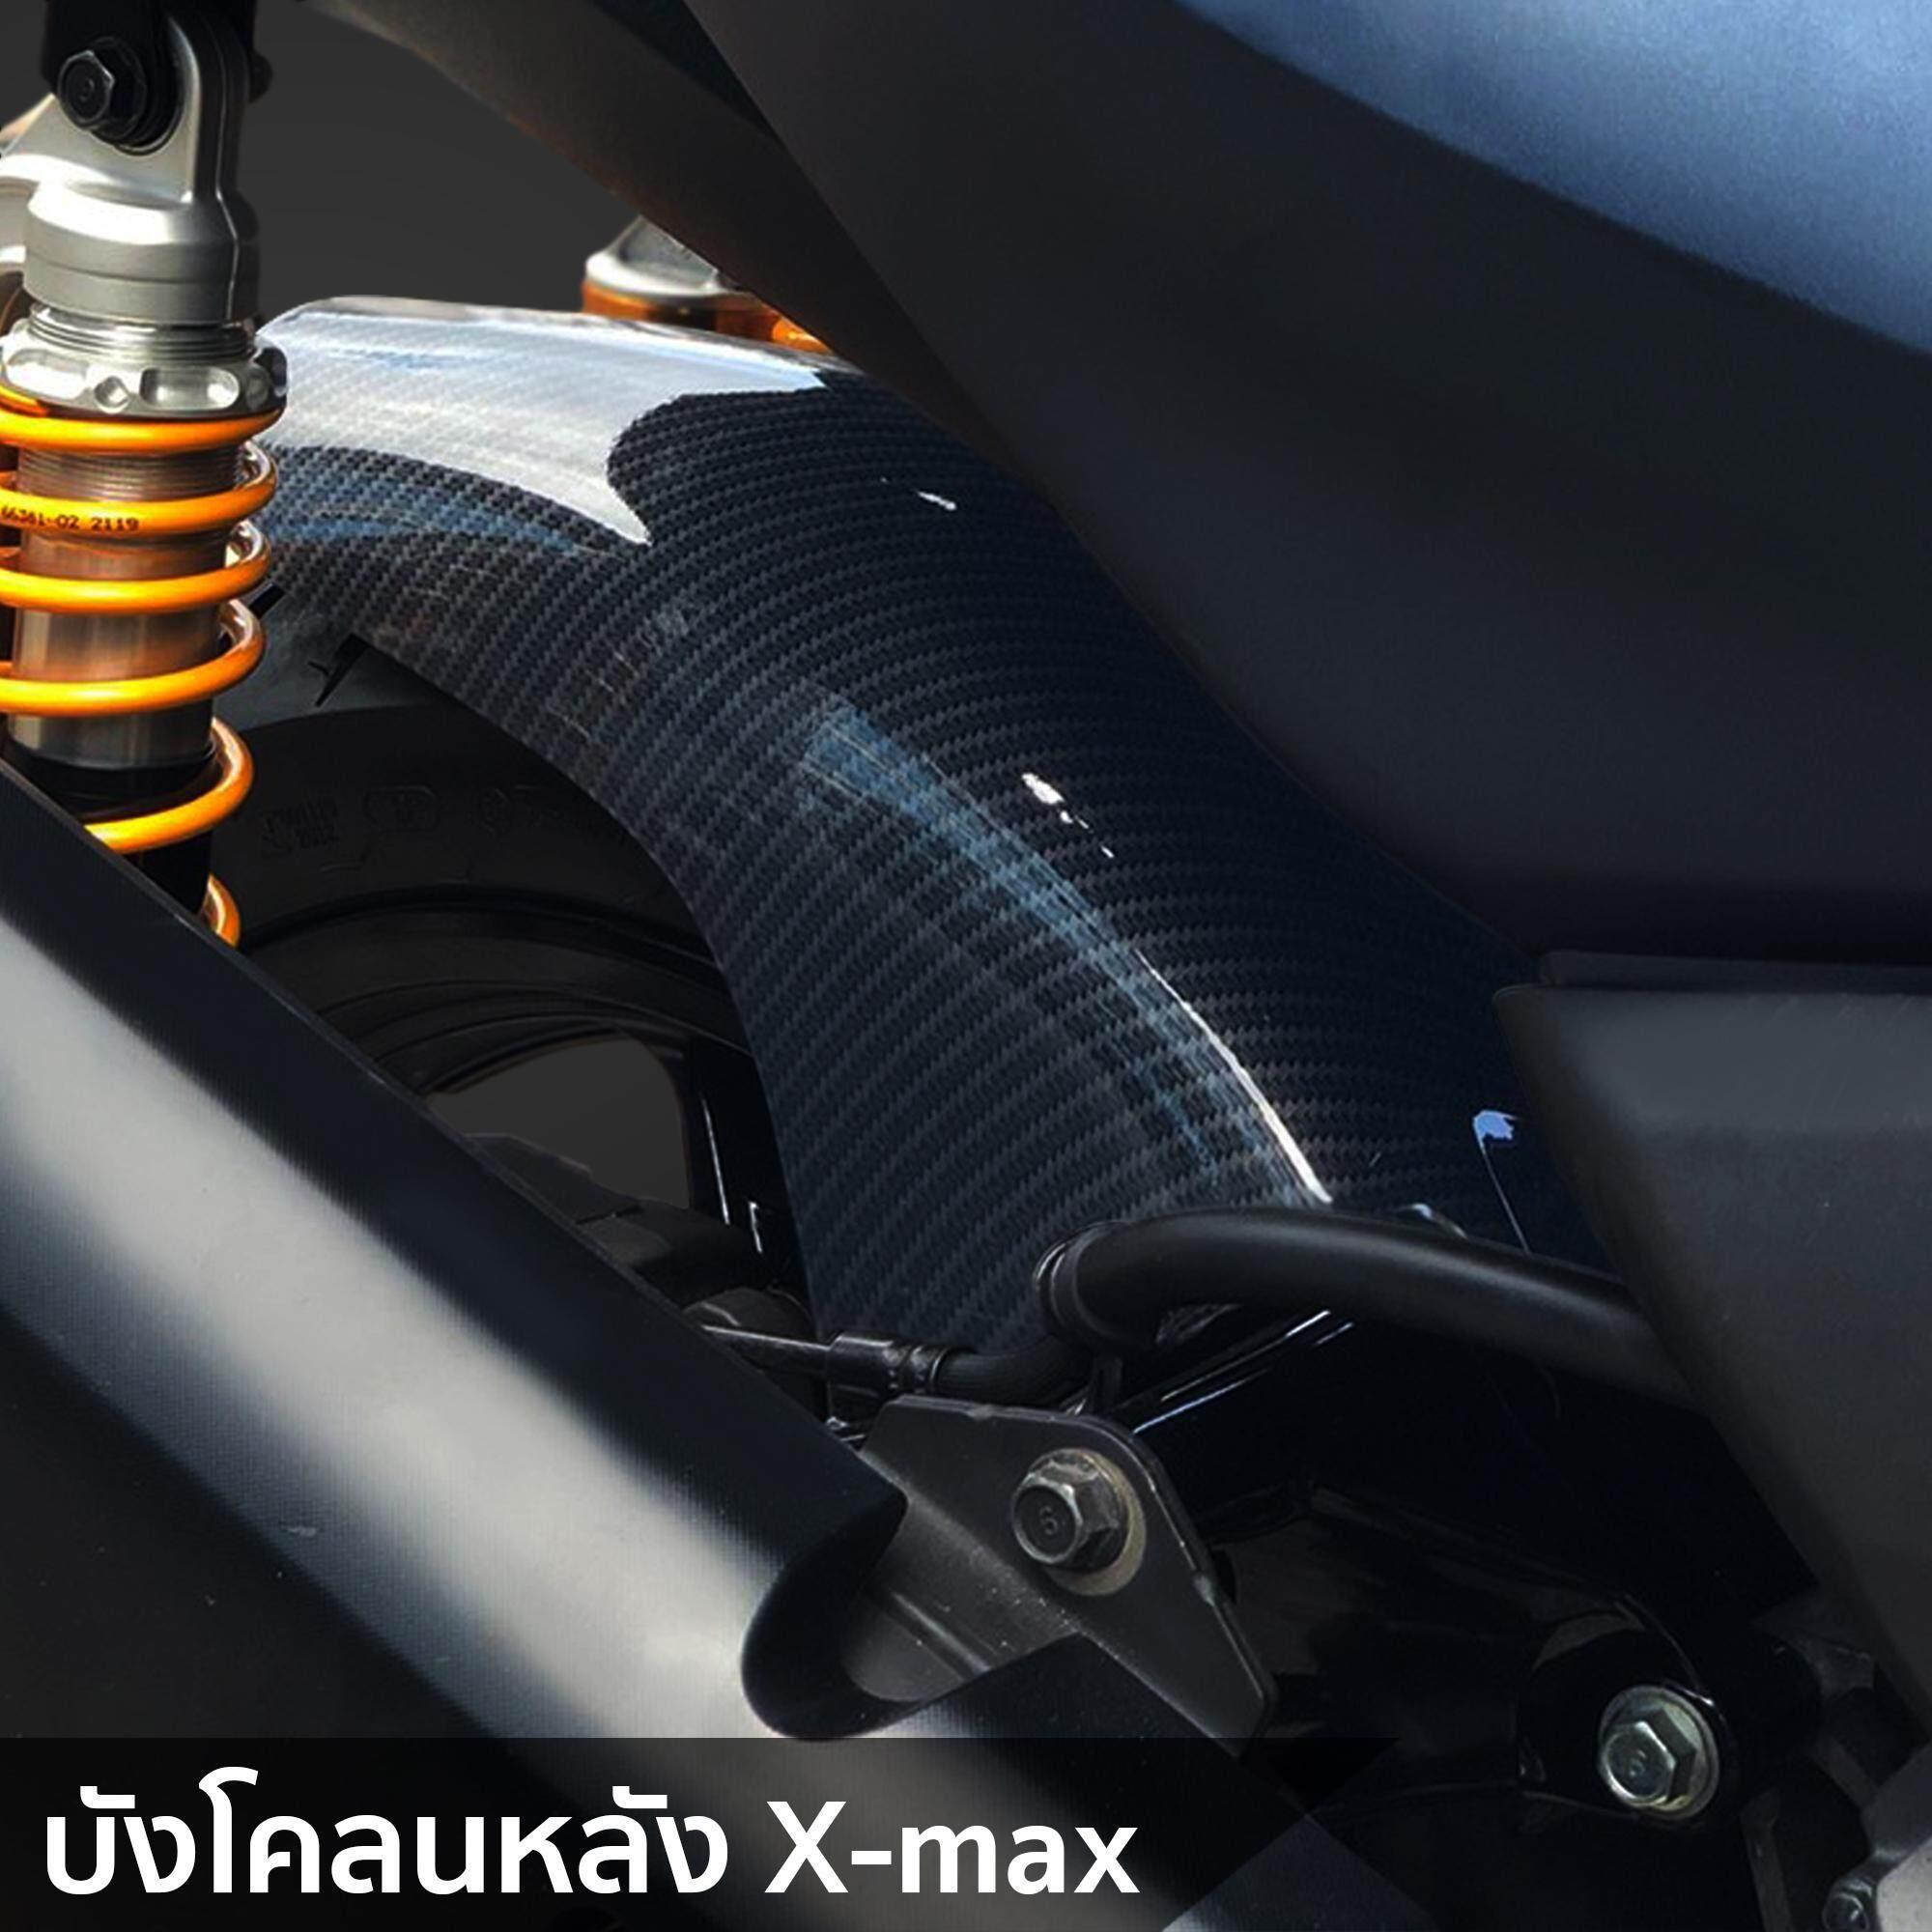 ซื้อที่ไหน The Rider บังโคลนหลังตัวใน กันดีด กันโคลนห้องเครื่อง ลายเคฟล่า สำหรับมอไซค์ Xmax 300 บังโคลนหลัง